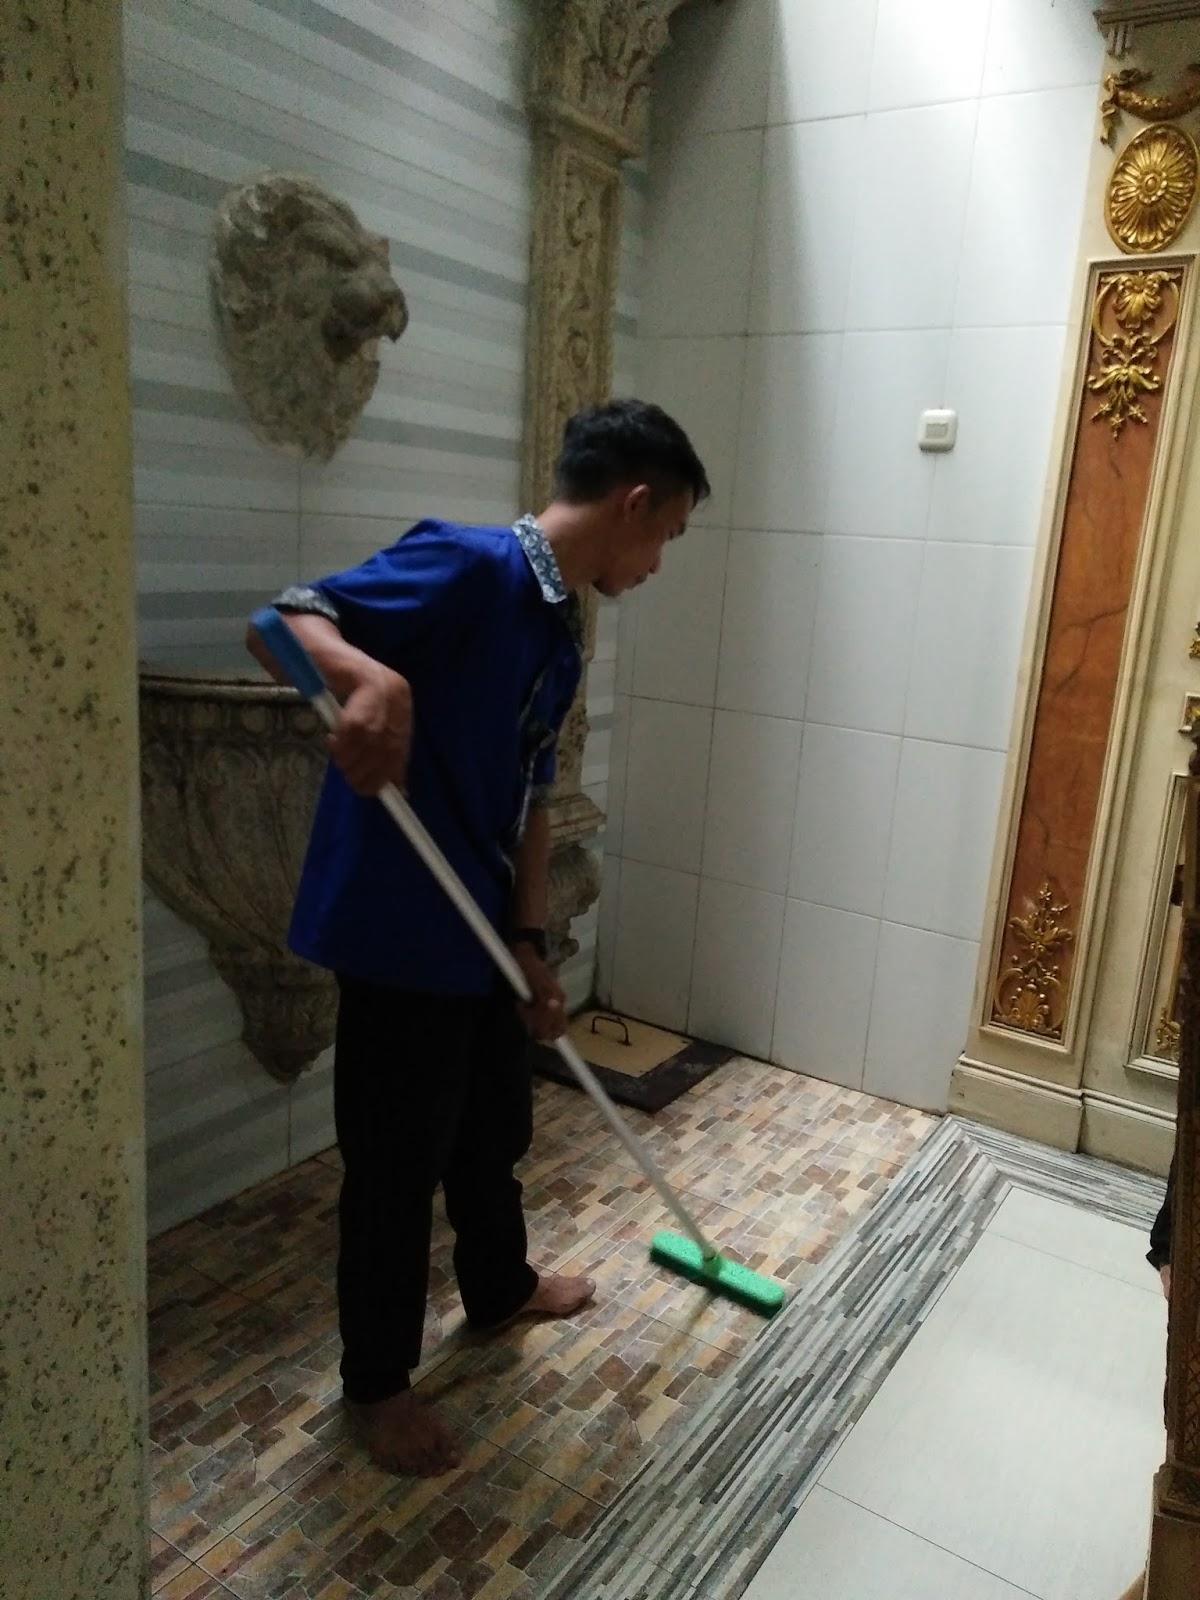 Pengelolah Jasa Security Cleaning Service Rumah Sakit Hotel Pabrik Perkantoran Di Klaten 2017